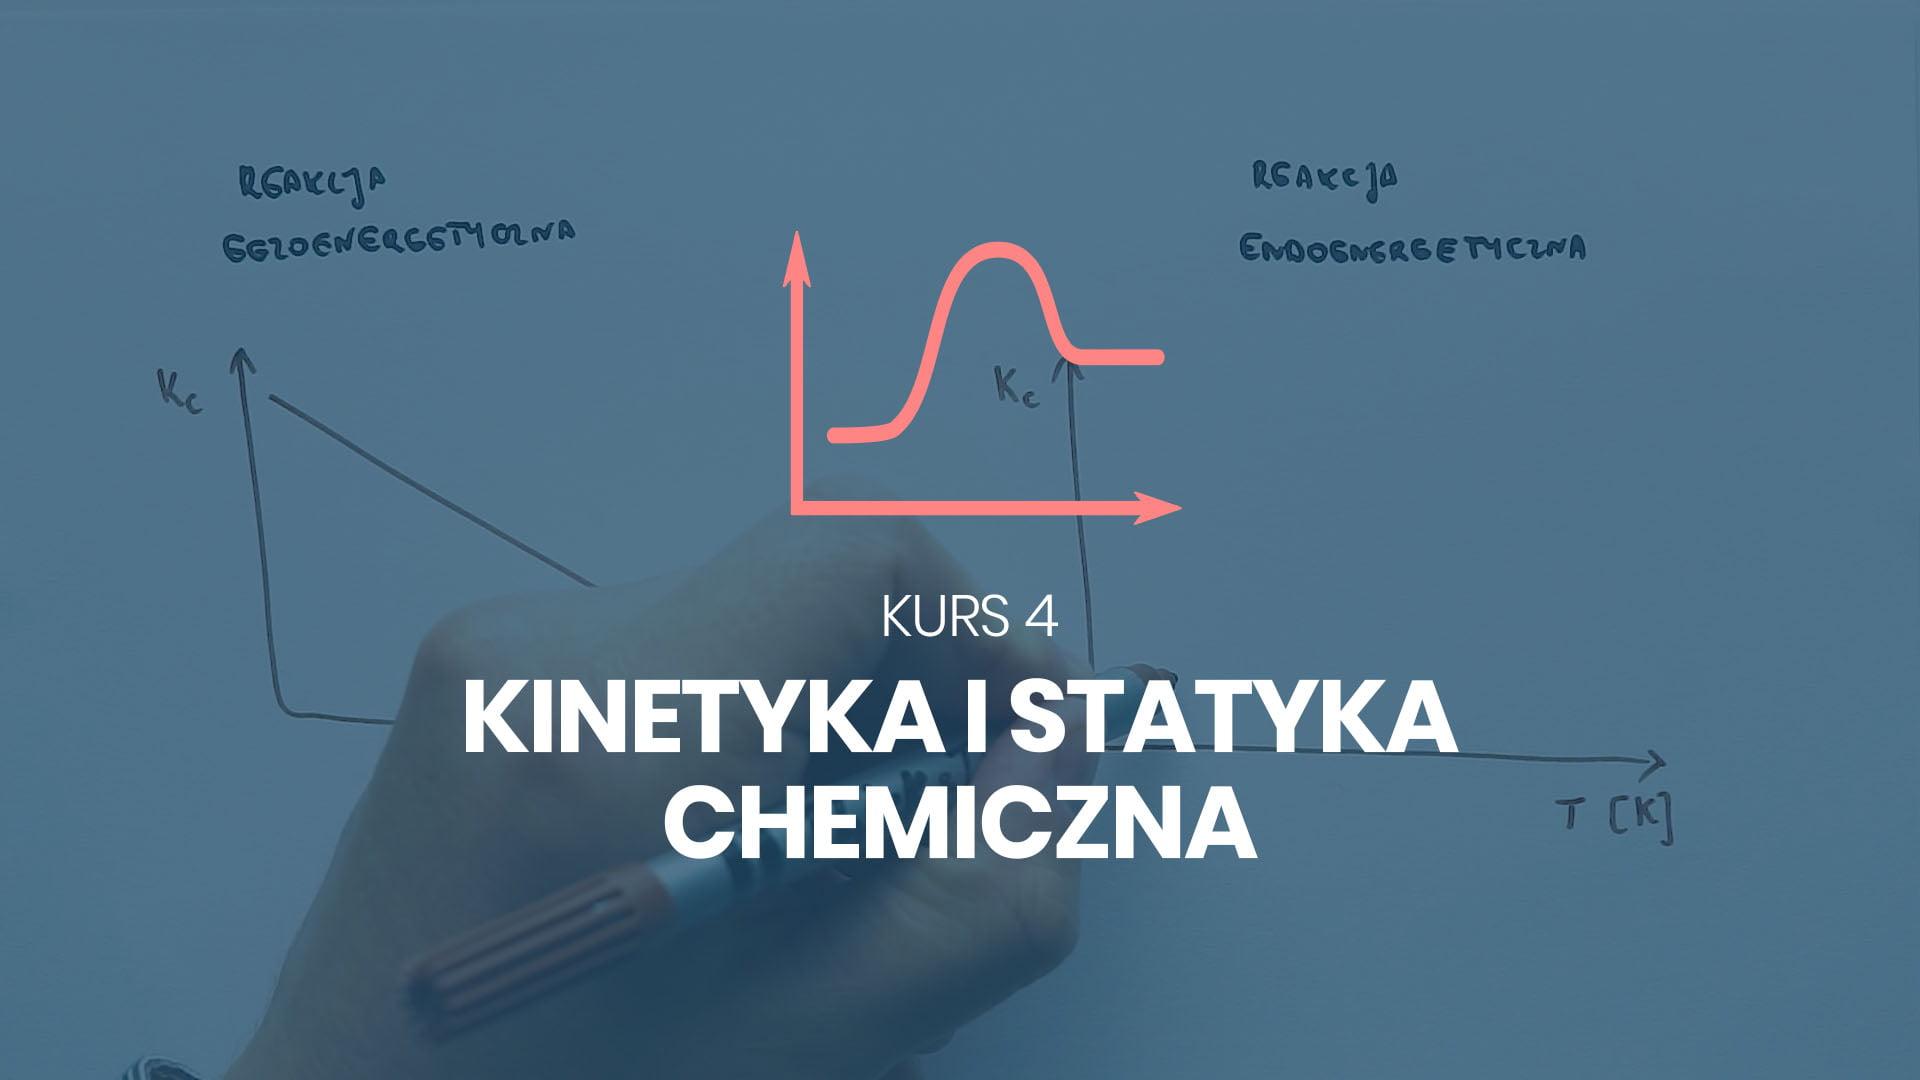 kurs 4 kinetyka i statyka chemiczna chemia na 100%